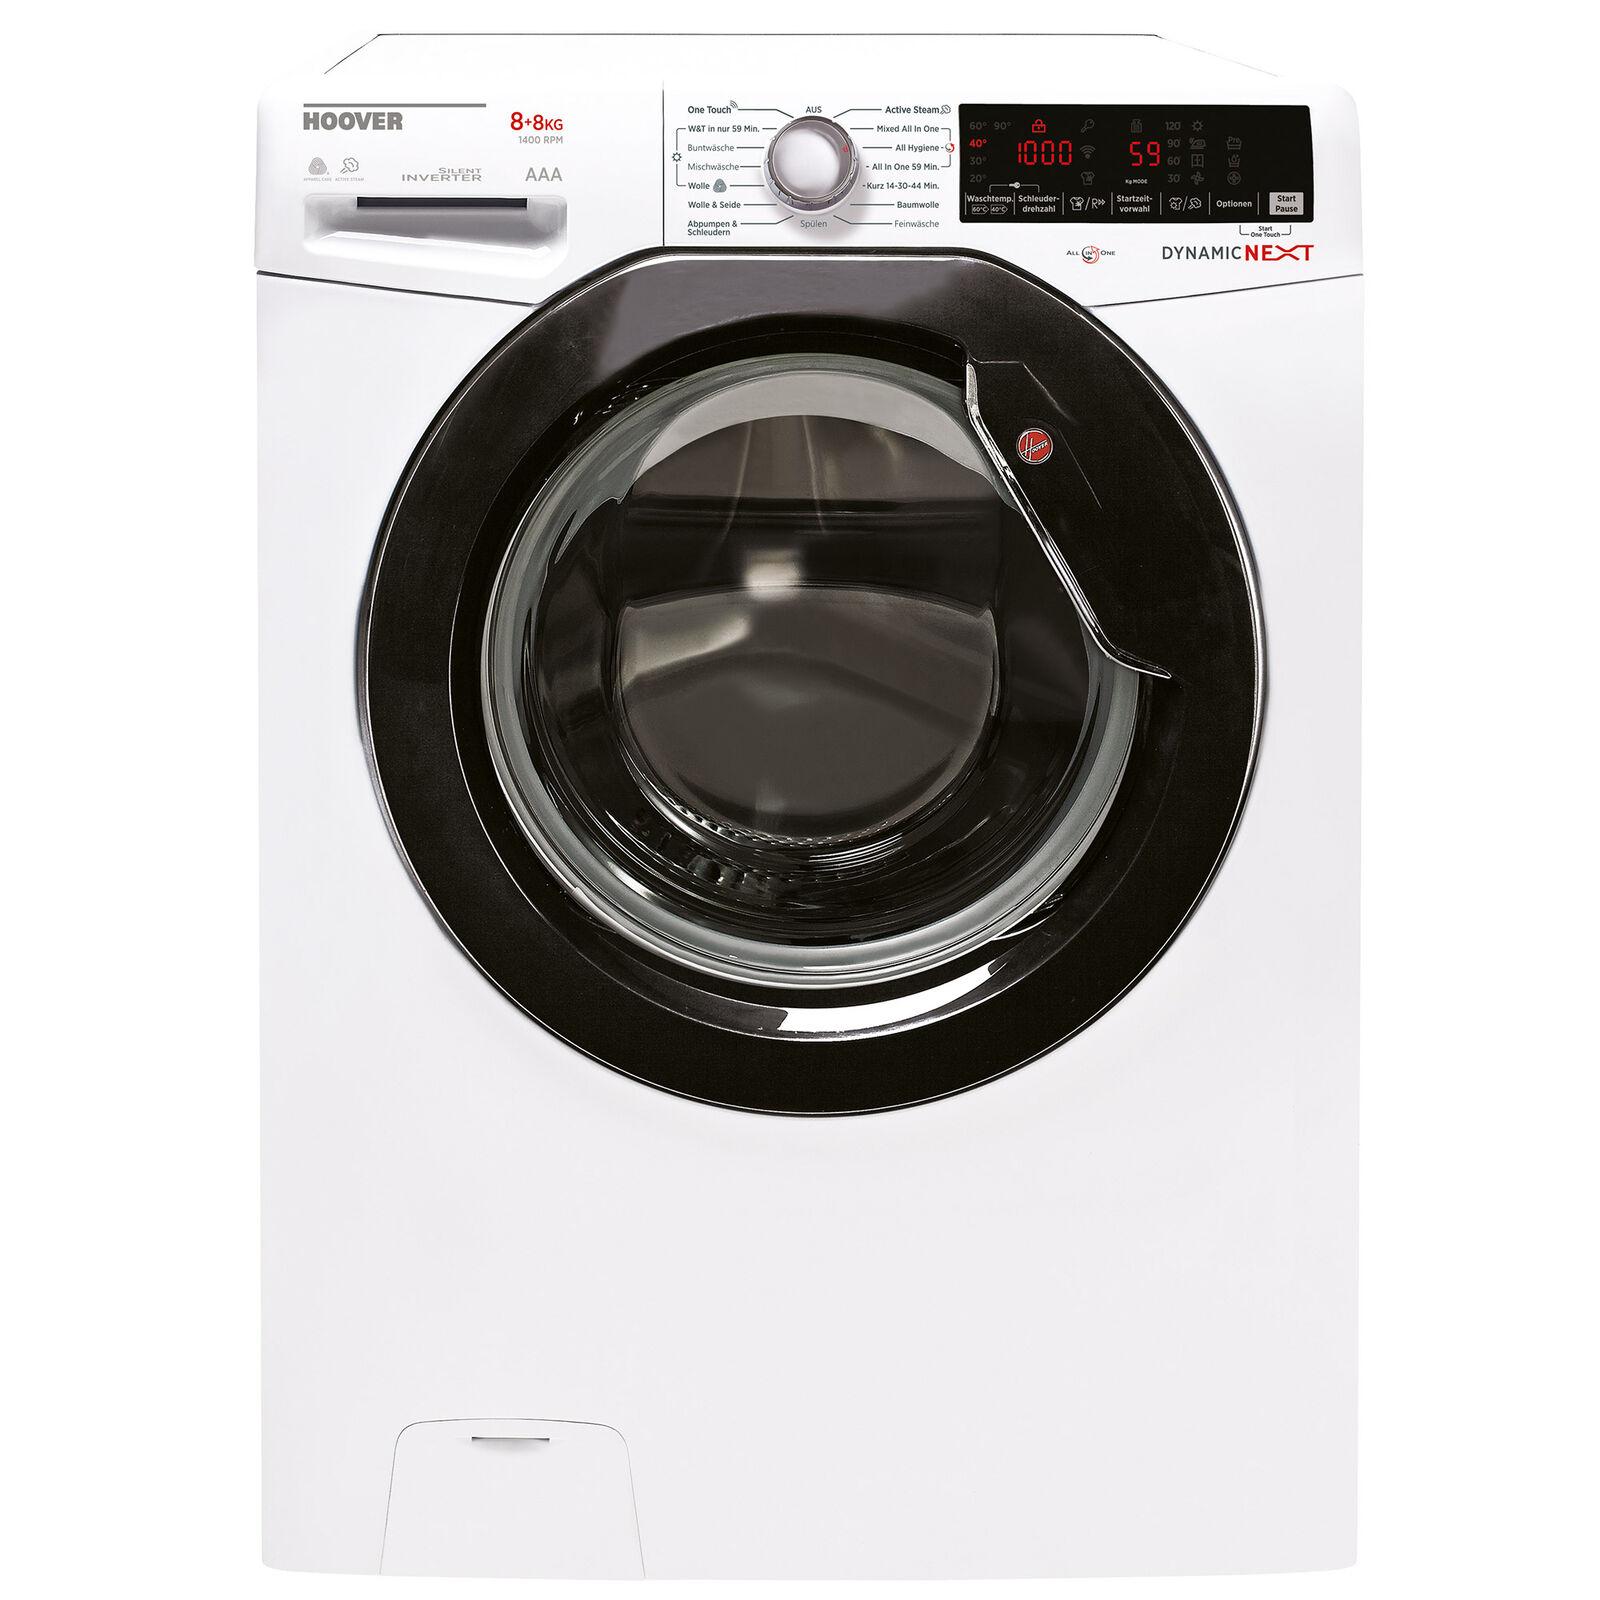 Bild zu 8 kg Waschtrockner Hoover WDXOAG488AHB-84 für 379,99€ (Vergleich: 423,90€)